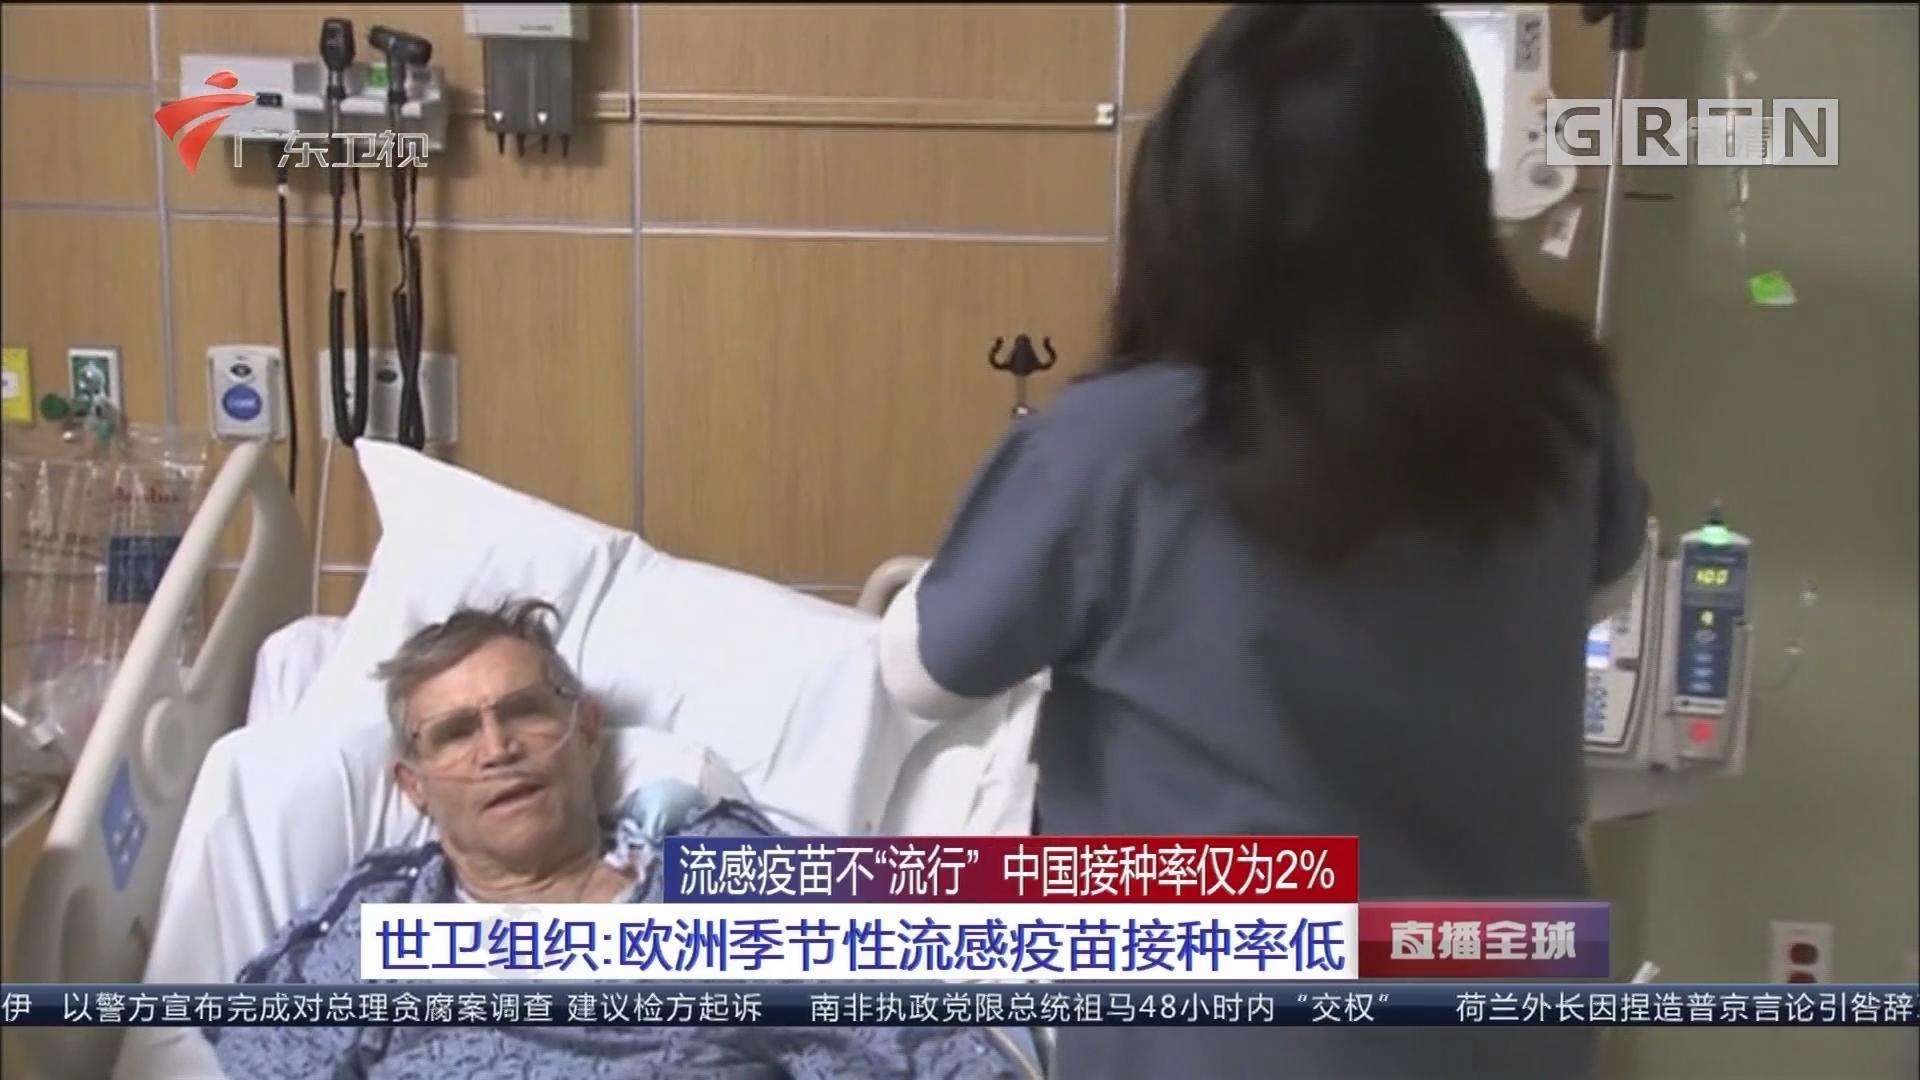 """流感疫苗不""""流行"""" 中国接种率仅为2% 世卫组织:欧洲季节性流感疫苗接种率低"""